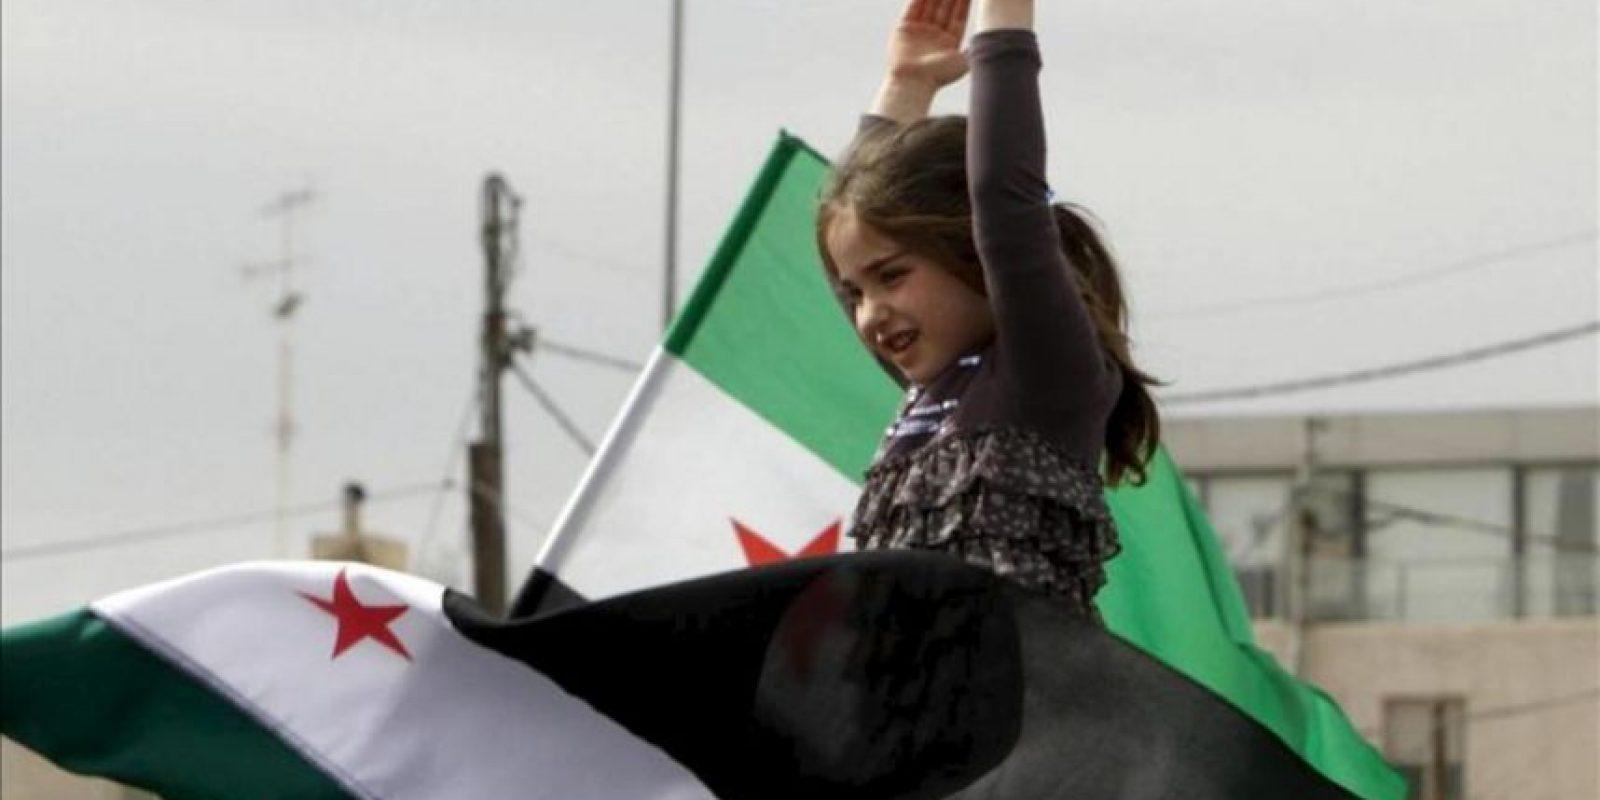 Una niña participa en una protesta contra el presidente sirio, Bachar Al Asad, enfrente de la embajada siria de Ammán (Jordania). EFE